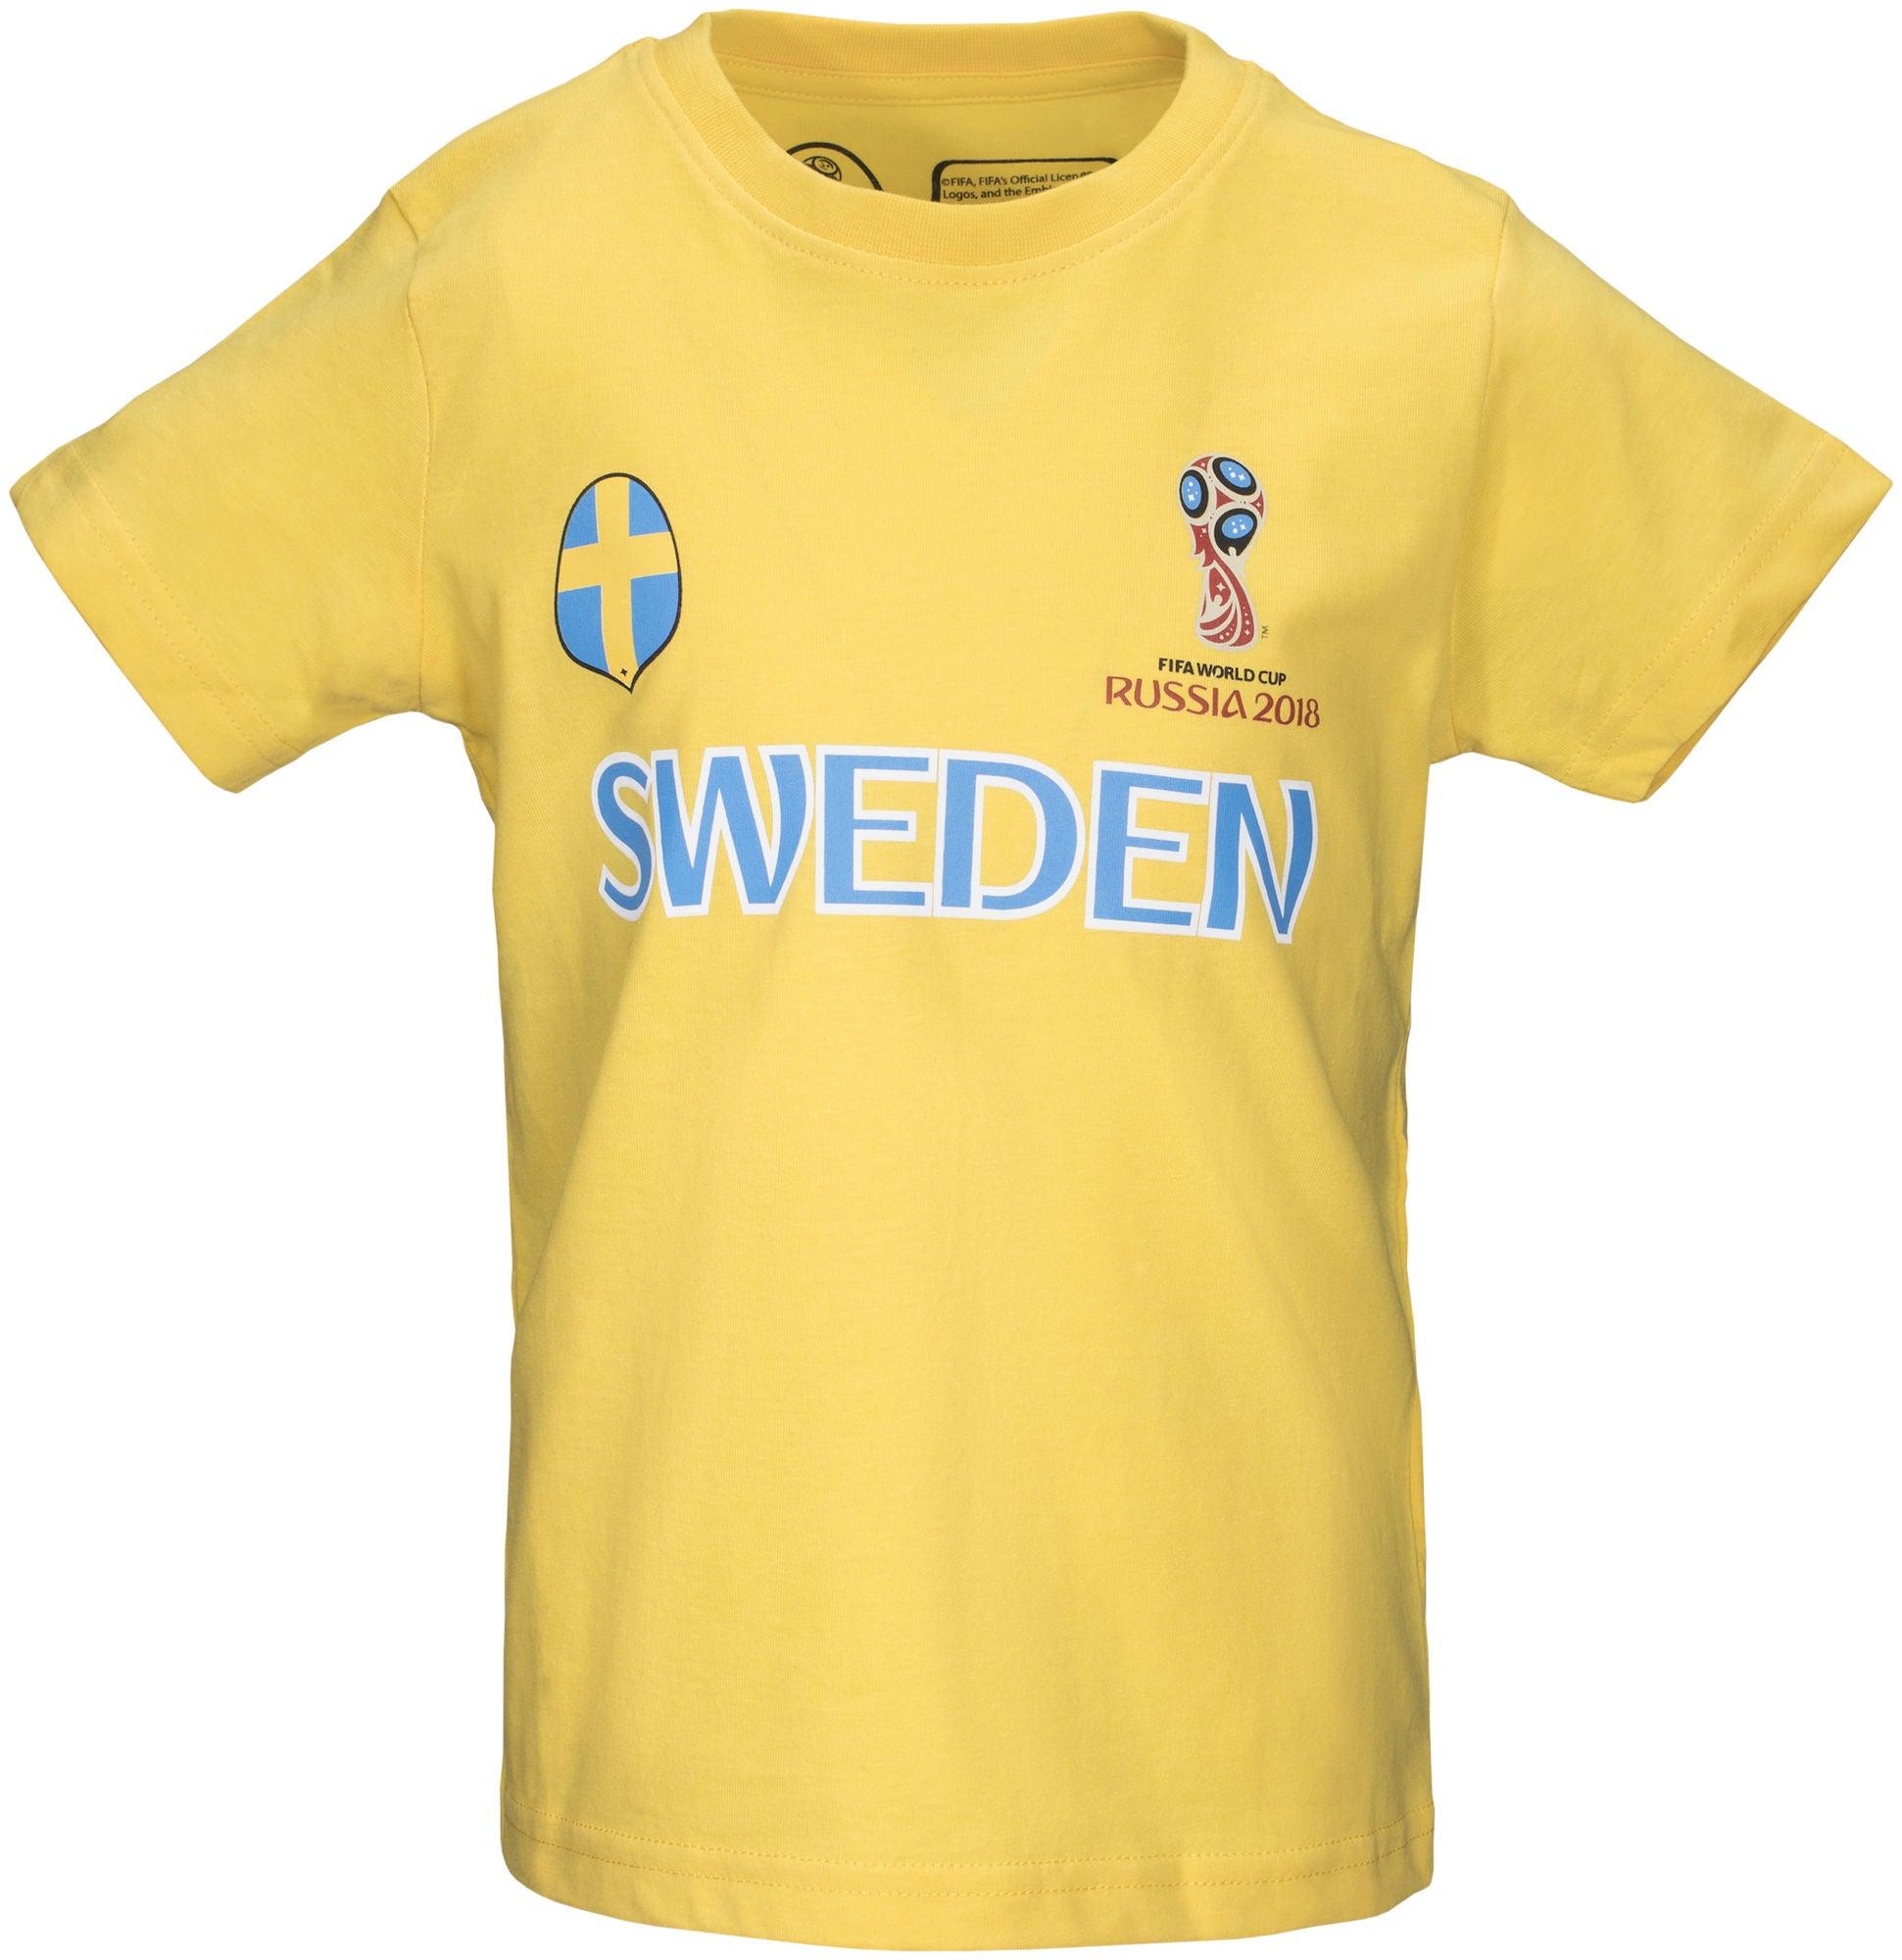 FIFA World Cup 2018 Sweden T-shirt 116